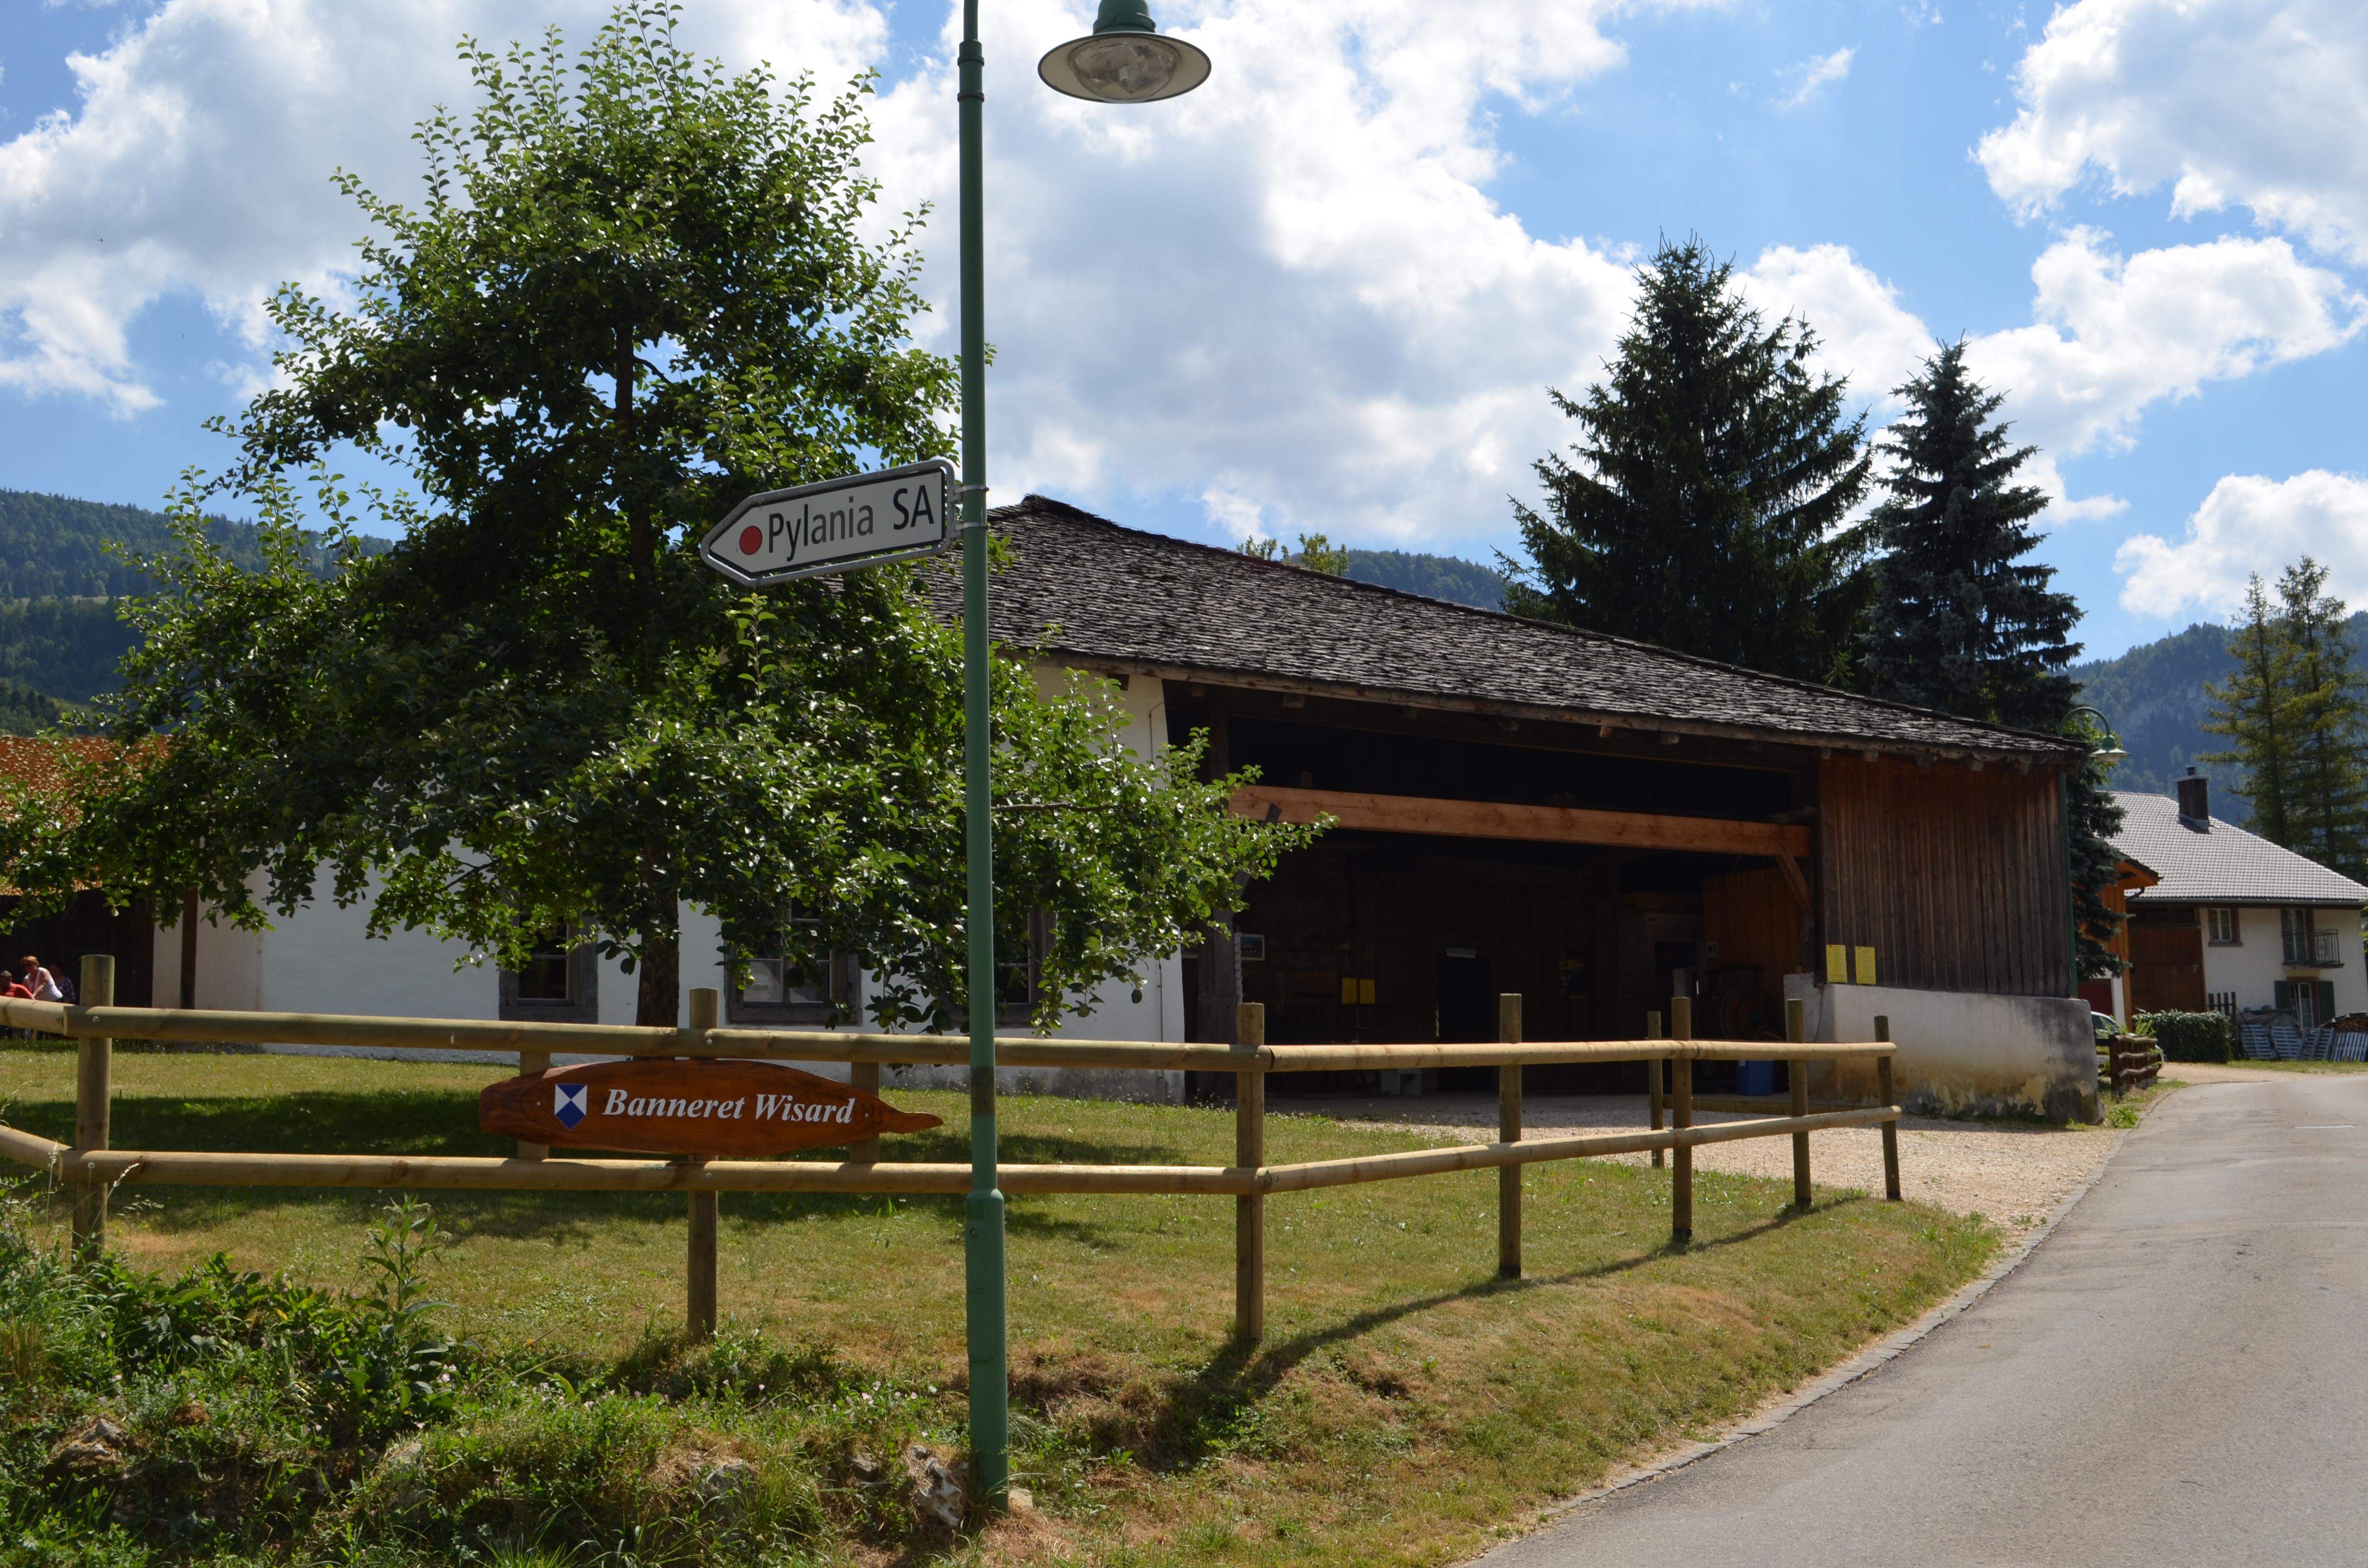 La Maison du Banneret Wisard